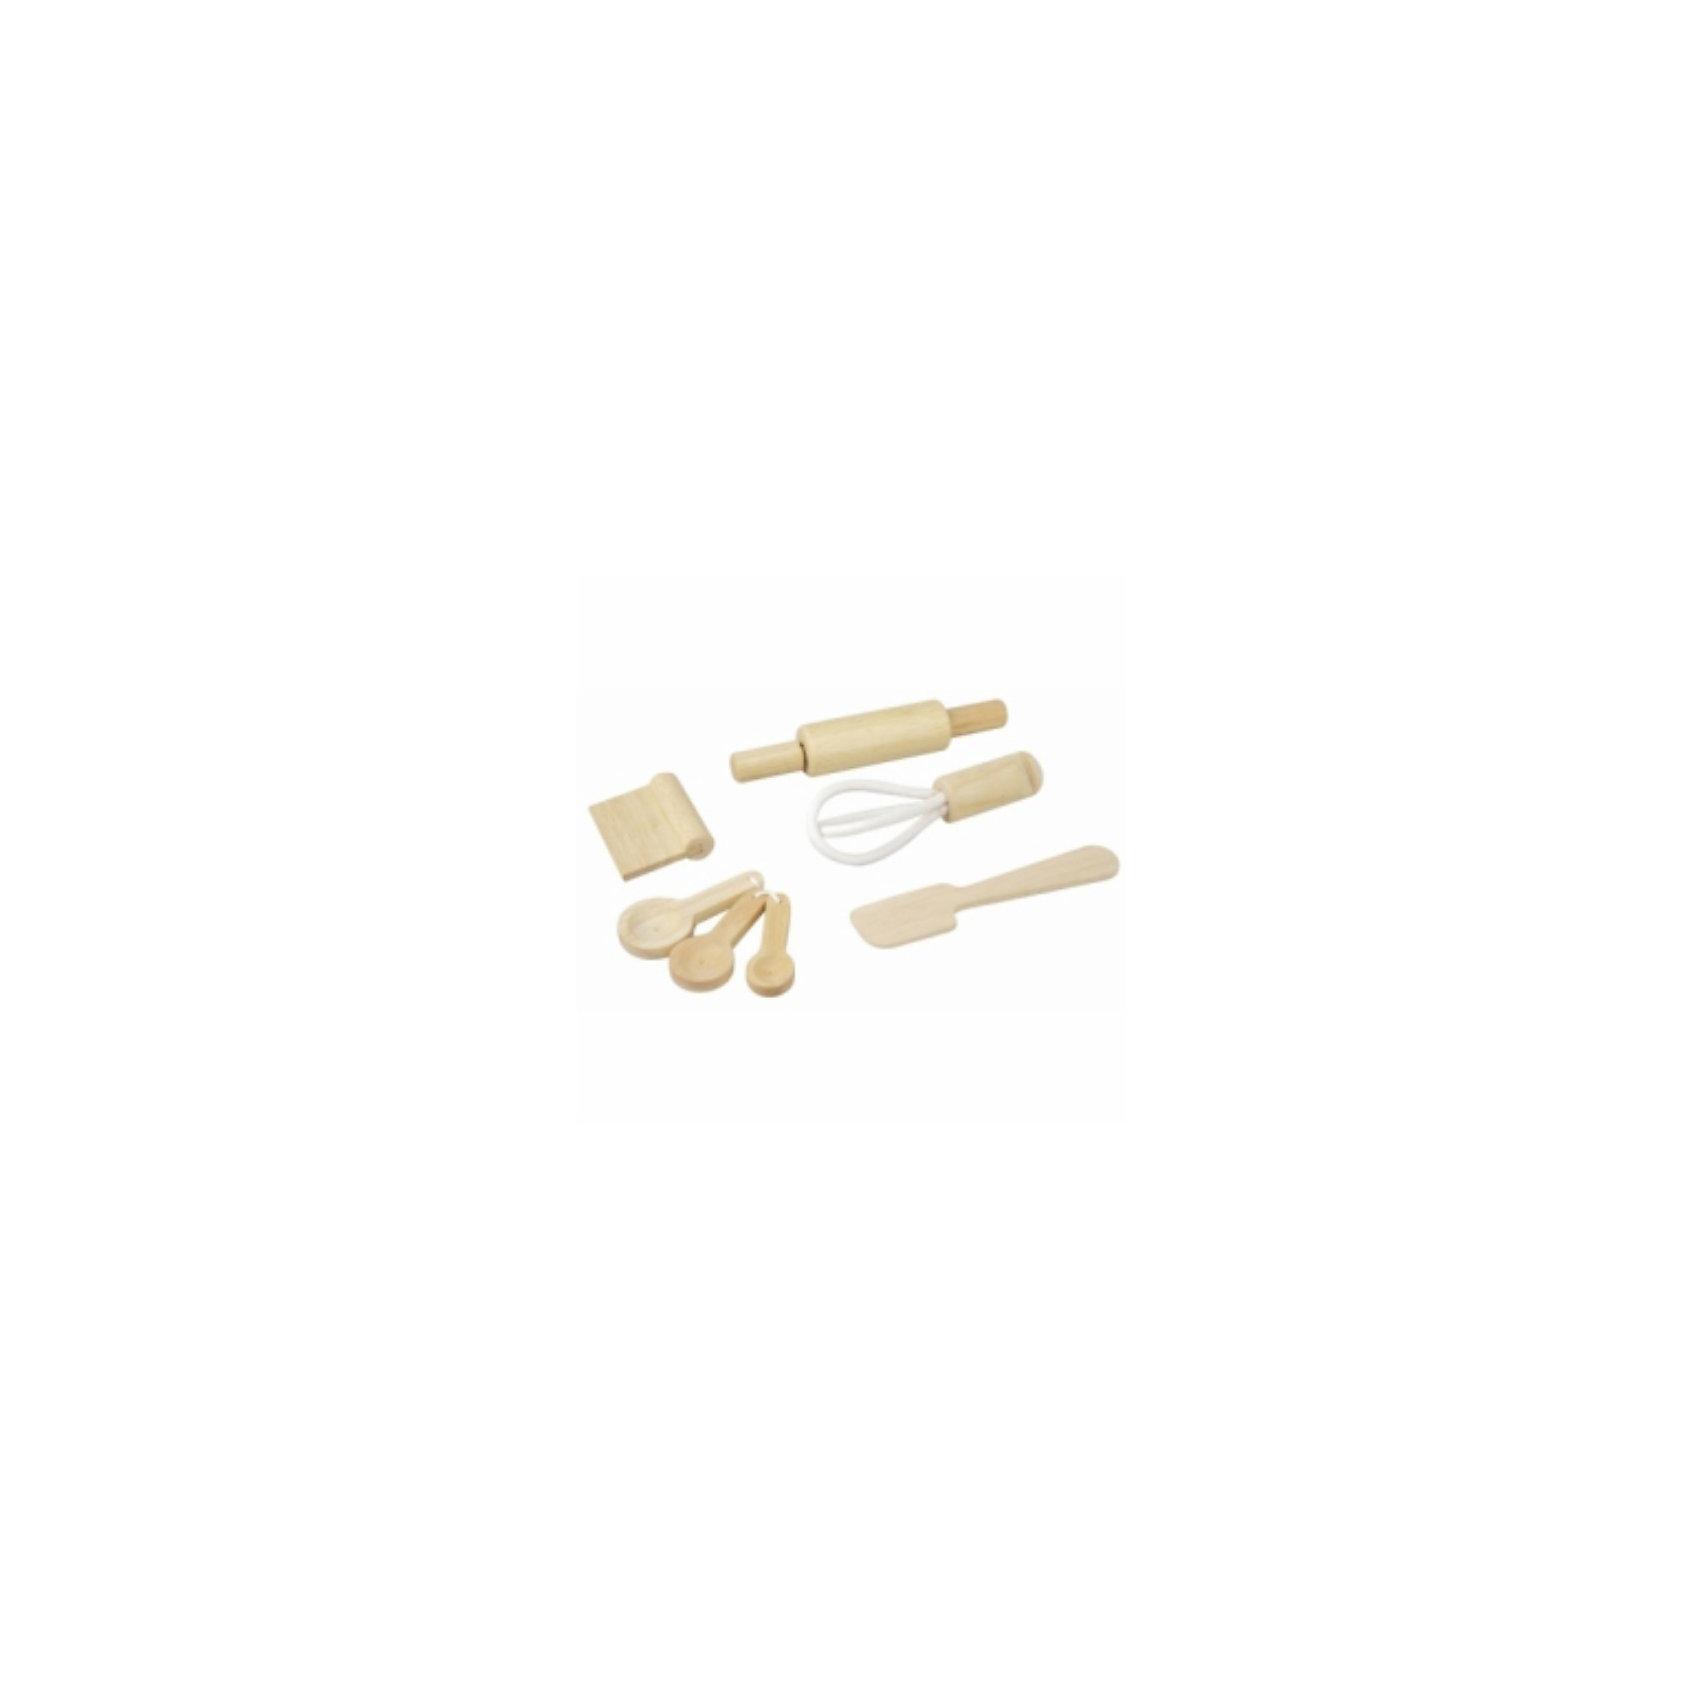 PLAN TOYS 3450 Набор кухонныйВсе игрушки выполнены из каучукового дерева с использованием нетоксичных красок и специально изготавливаются с закругленными краями, чтобы избежать вероятности травмирования.<br><br>Ширина мм: 57<br>Глубина мм: 125<br>Высота мм: 188<br>Вес г: 726<br>Возраст от месяцев: 36<br>Возраст до месяцев: 72<br>Пол: Женский<br>Возраст: Детский<br>SKU: 2175245